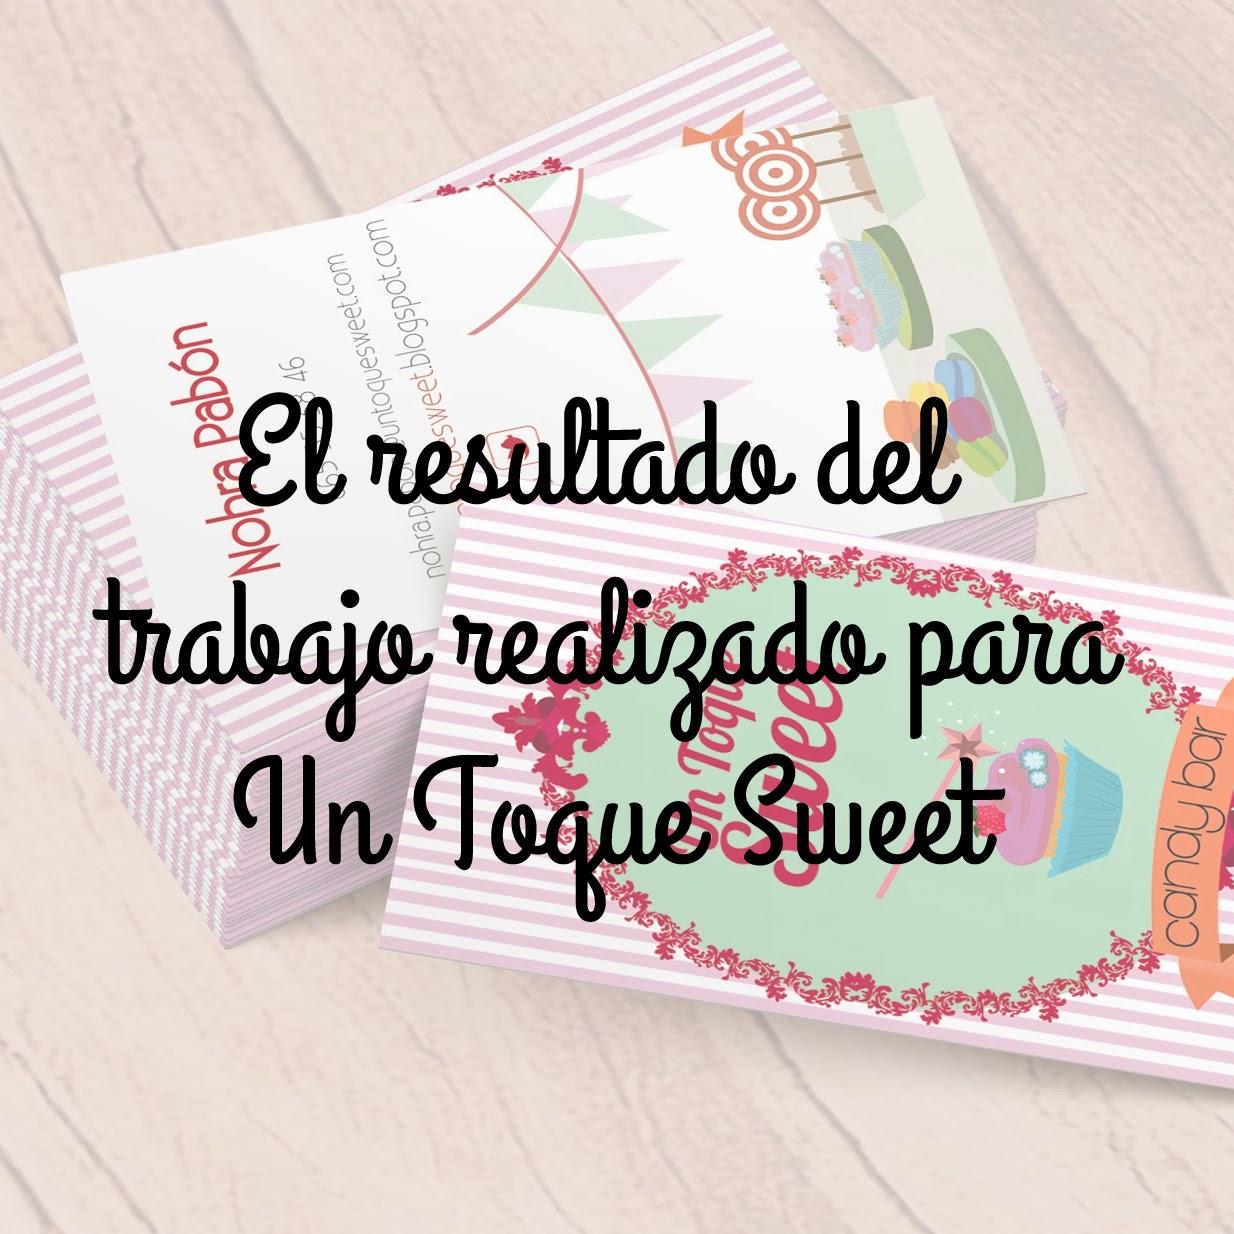 http://elpegotiblog-hechoamano.blogspot.com.es/2014/01/mi-colaboracion-con-un-toque-sweet.html